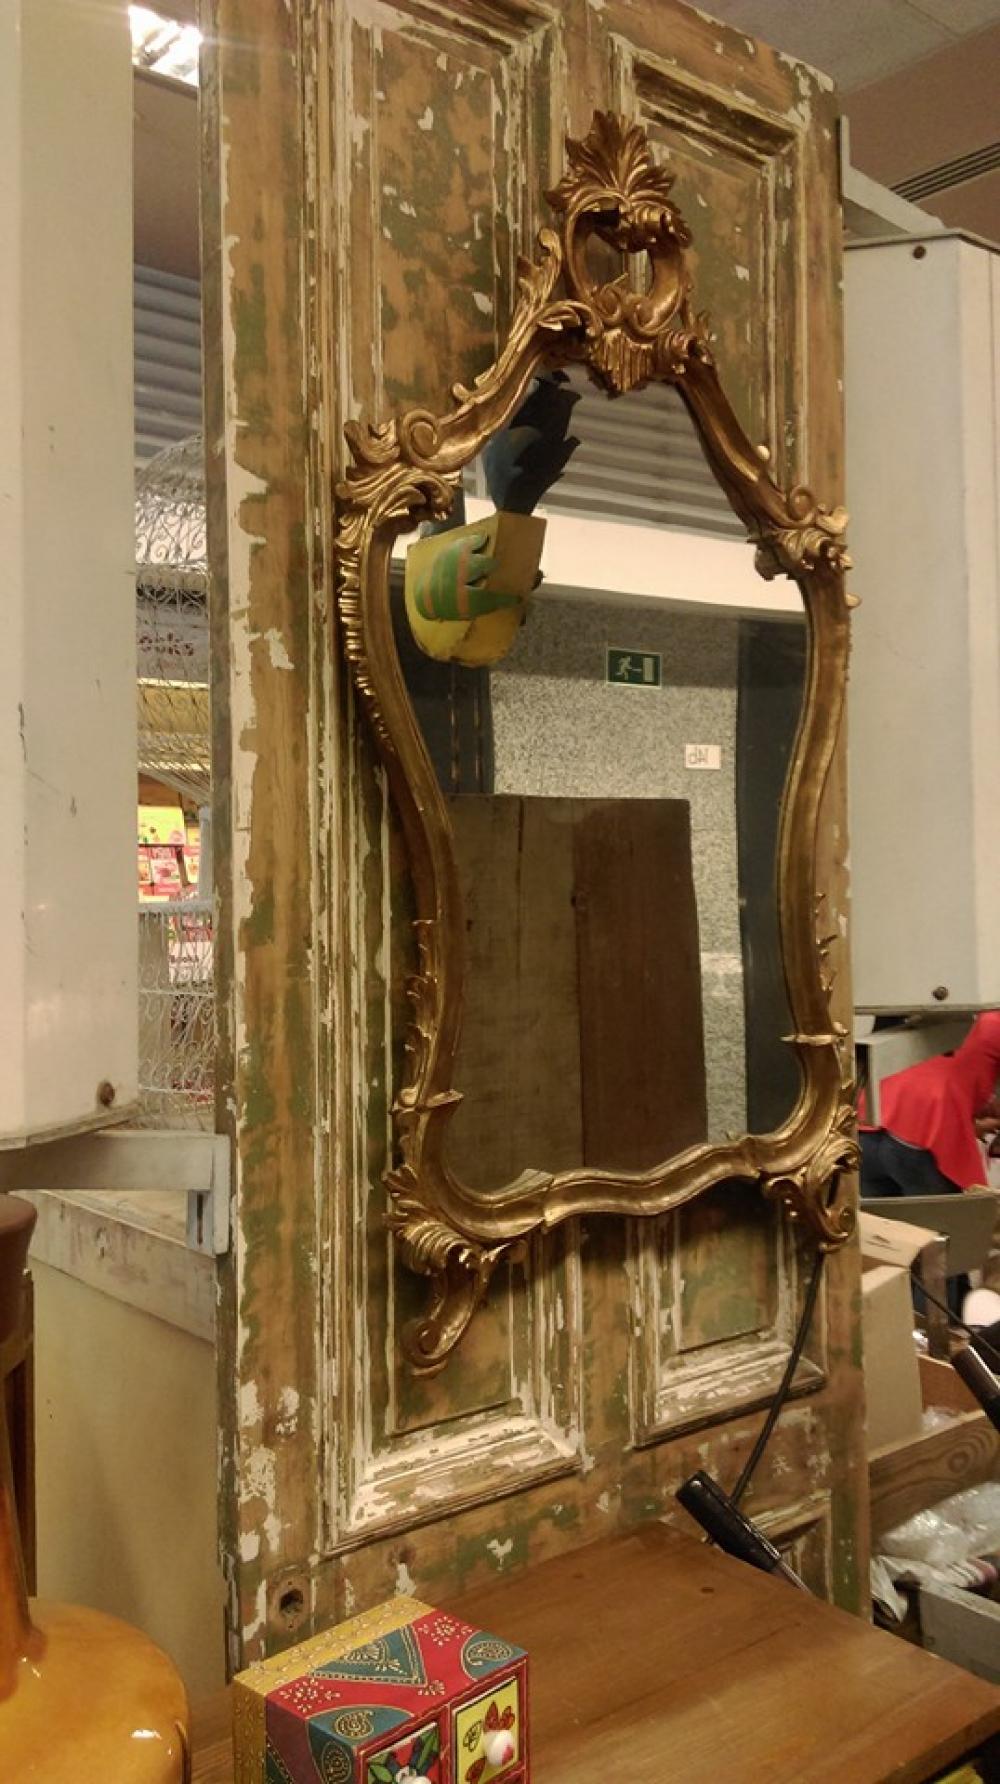 Tiendas De Muebles Santander Good With Tiendas De Muebles  # Muebles Kiona Santander